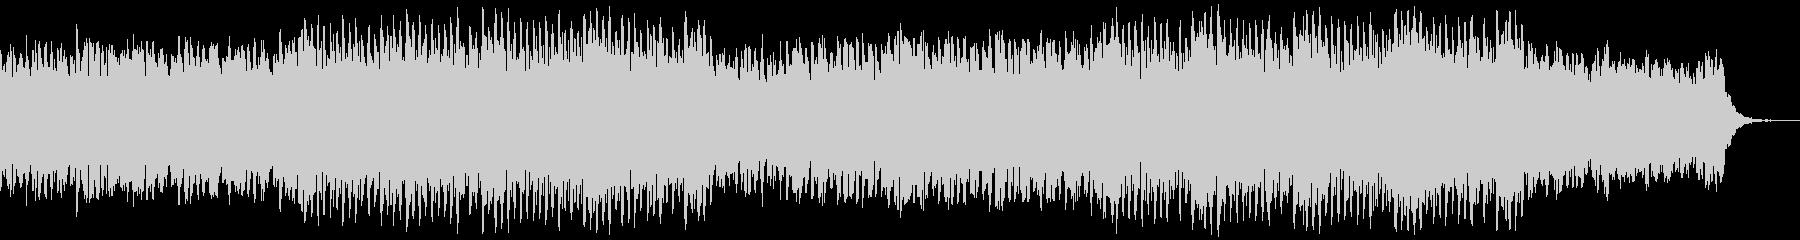 プログレッシブ 交響曲 コーポレー...の未再生の波形